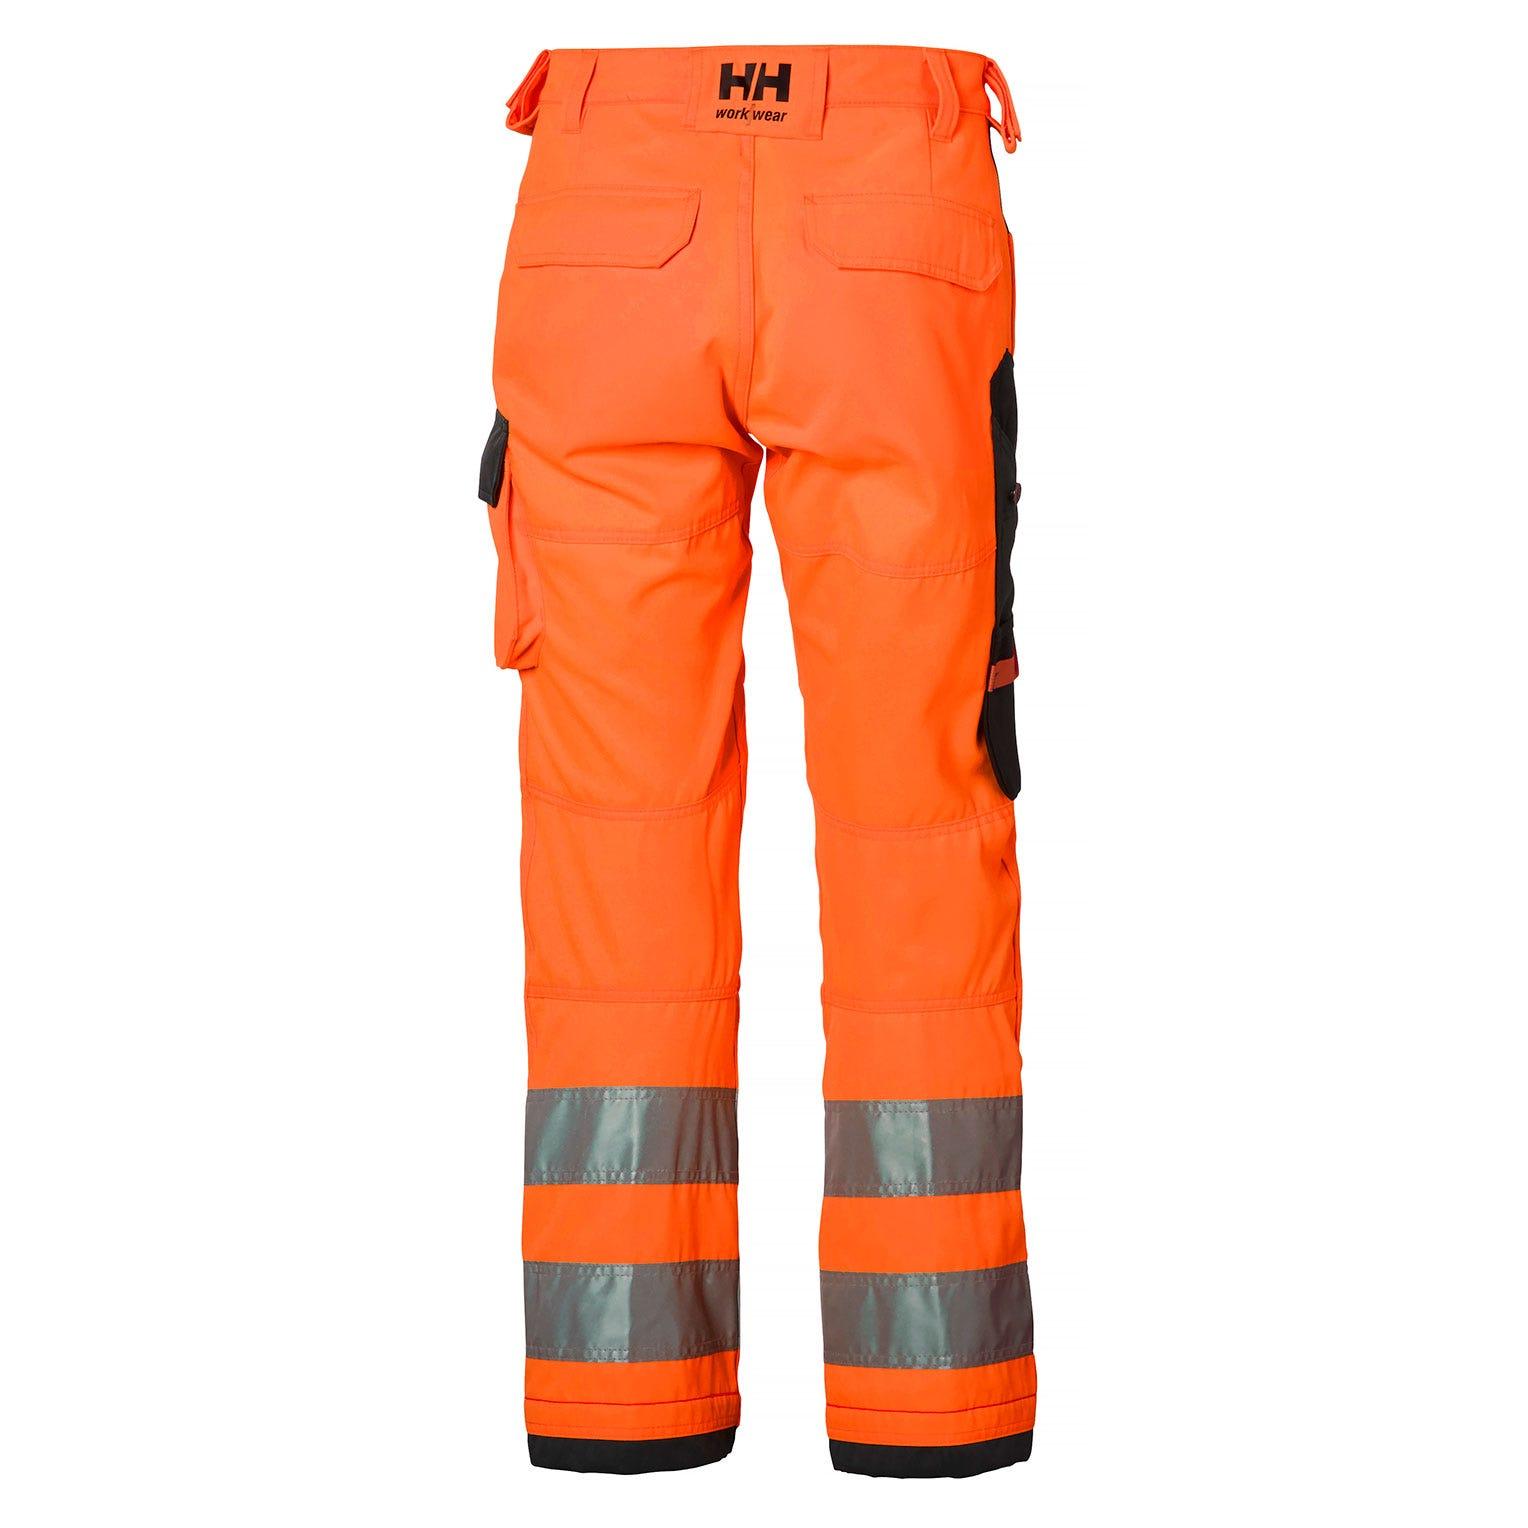 Helly Hansen Werkbroeken Alna 77411 High Vis fluo oranje-antracietgrijs(269)